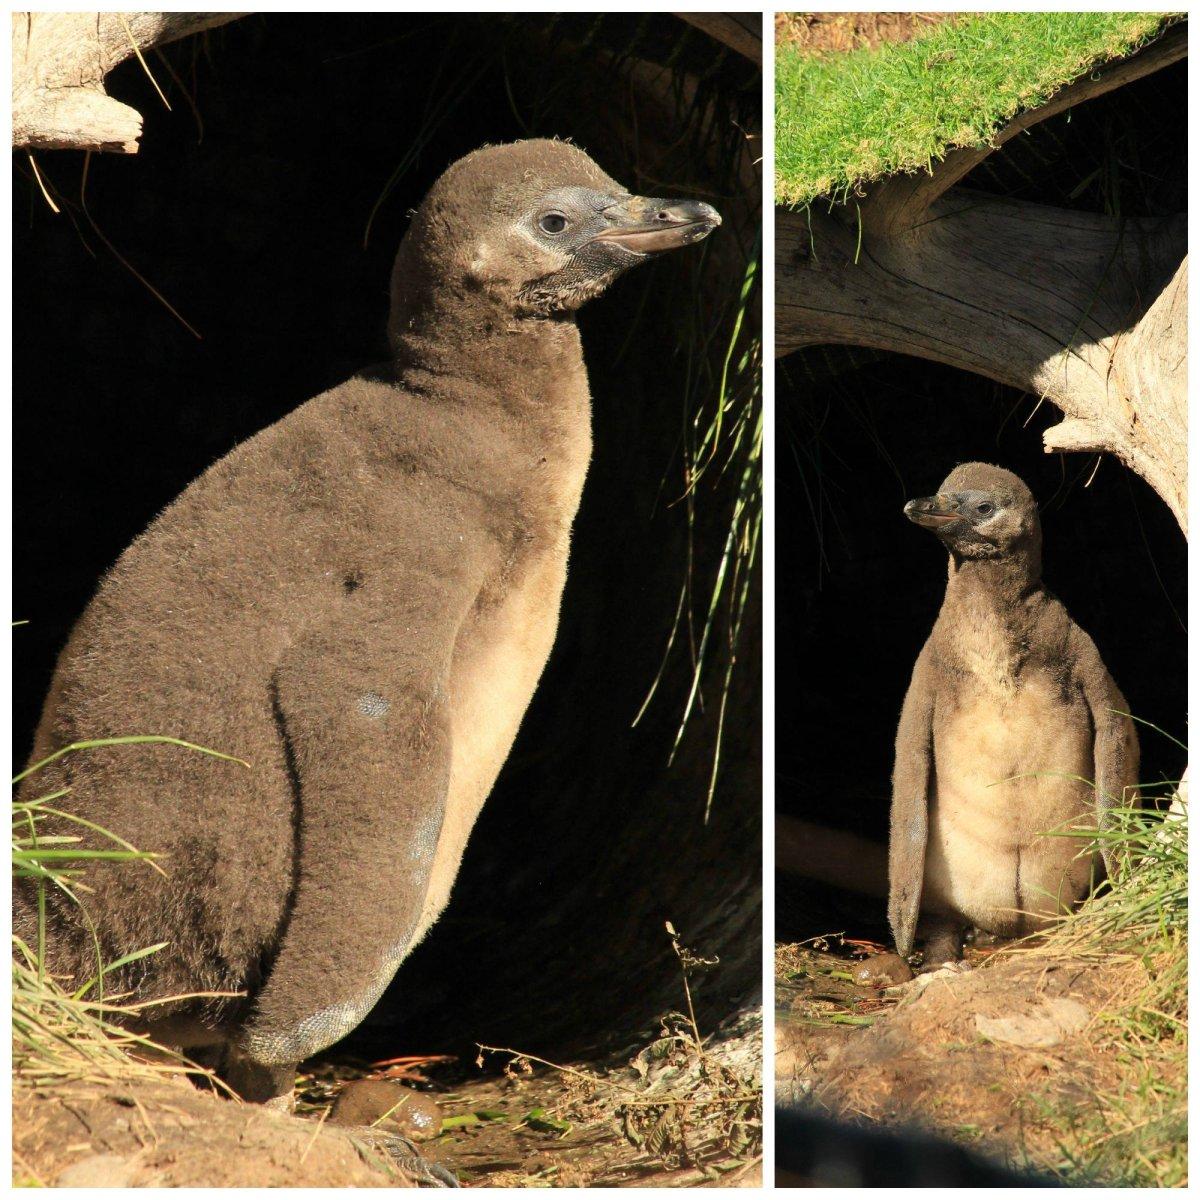 The Calgary Zoo's Humboldt penguin chick Emilio.